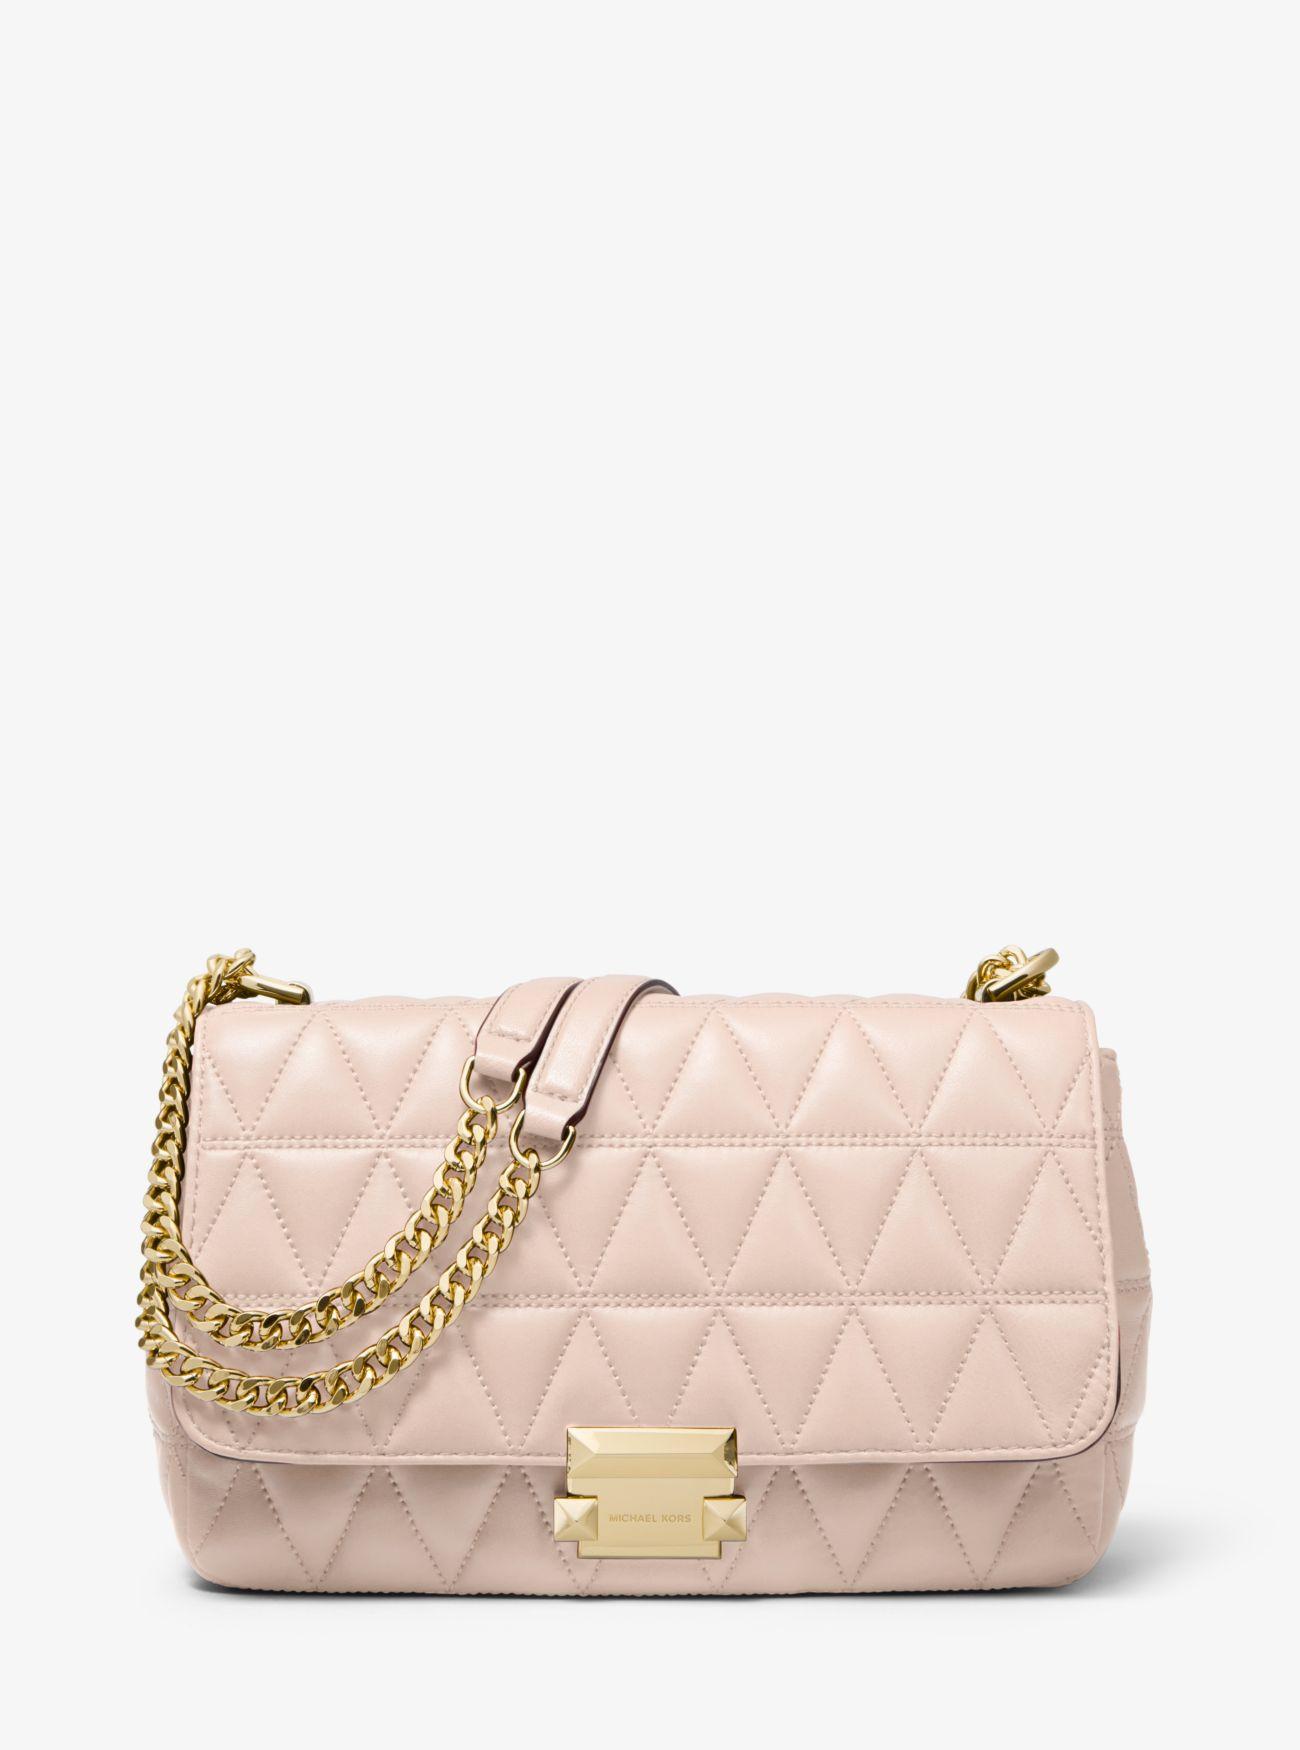 leather soft saint envelope quilt zoom sale laurent bag handbags quilted yves shoulder